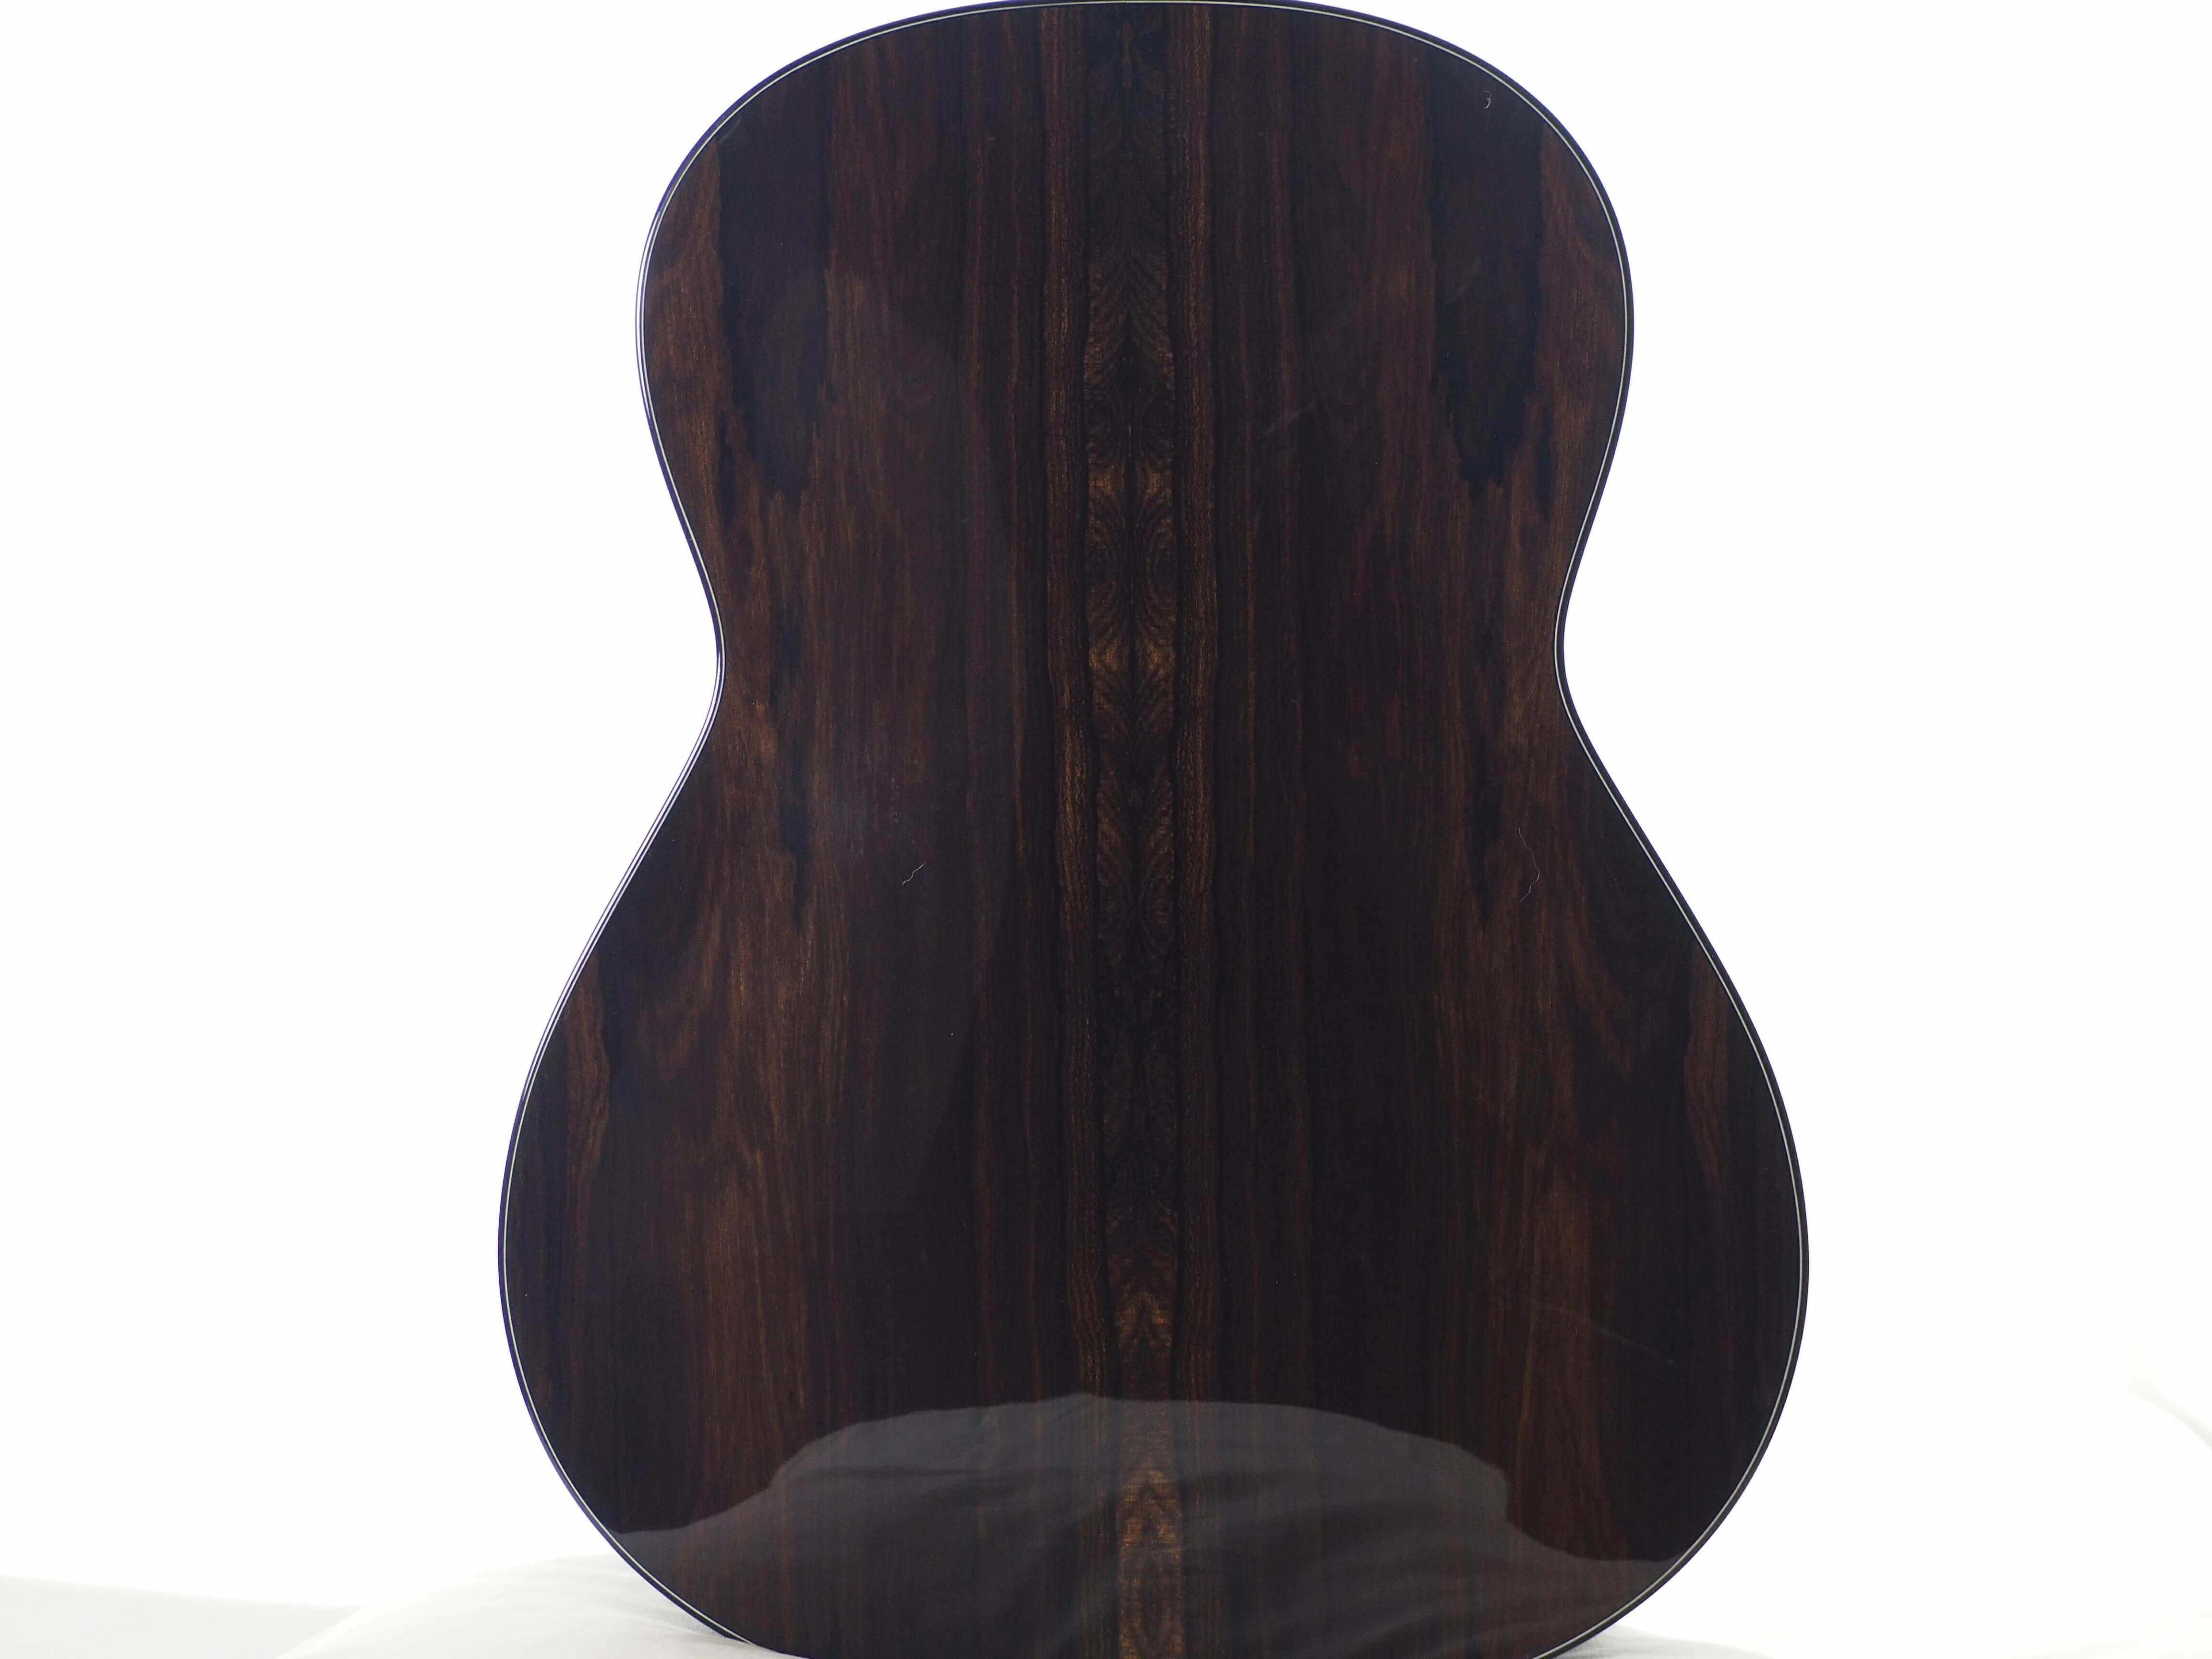 Guitare classique luthier Kim Lissarrague